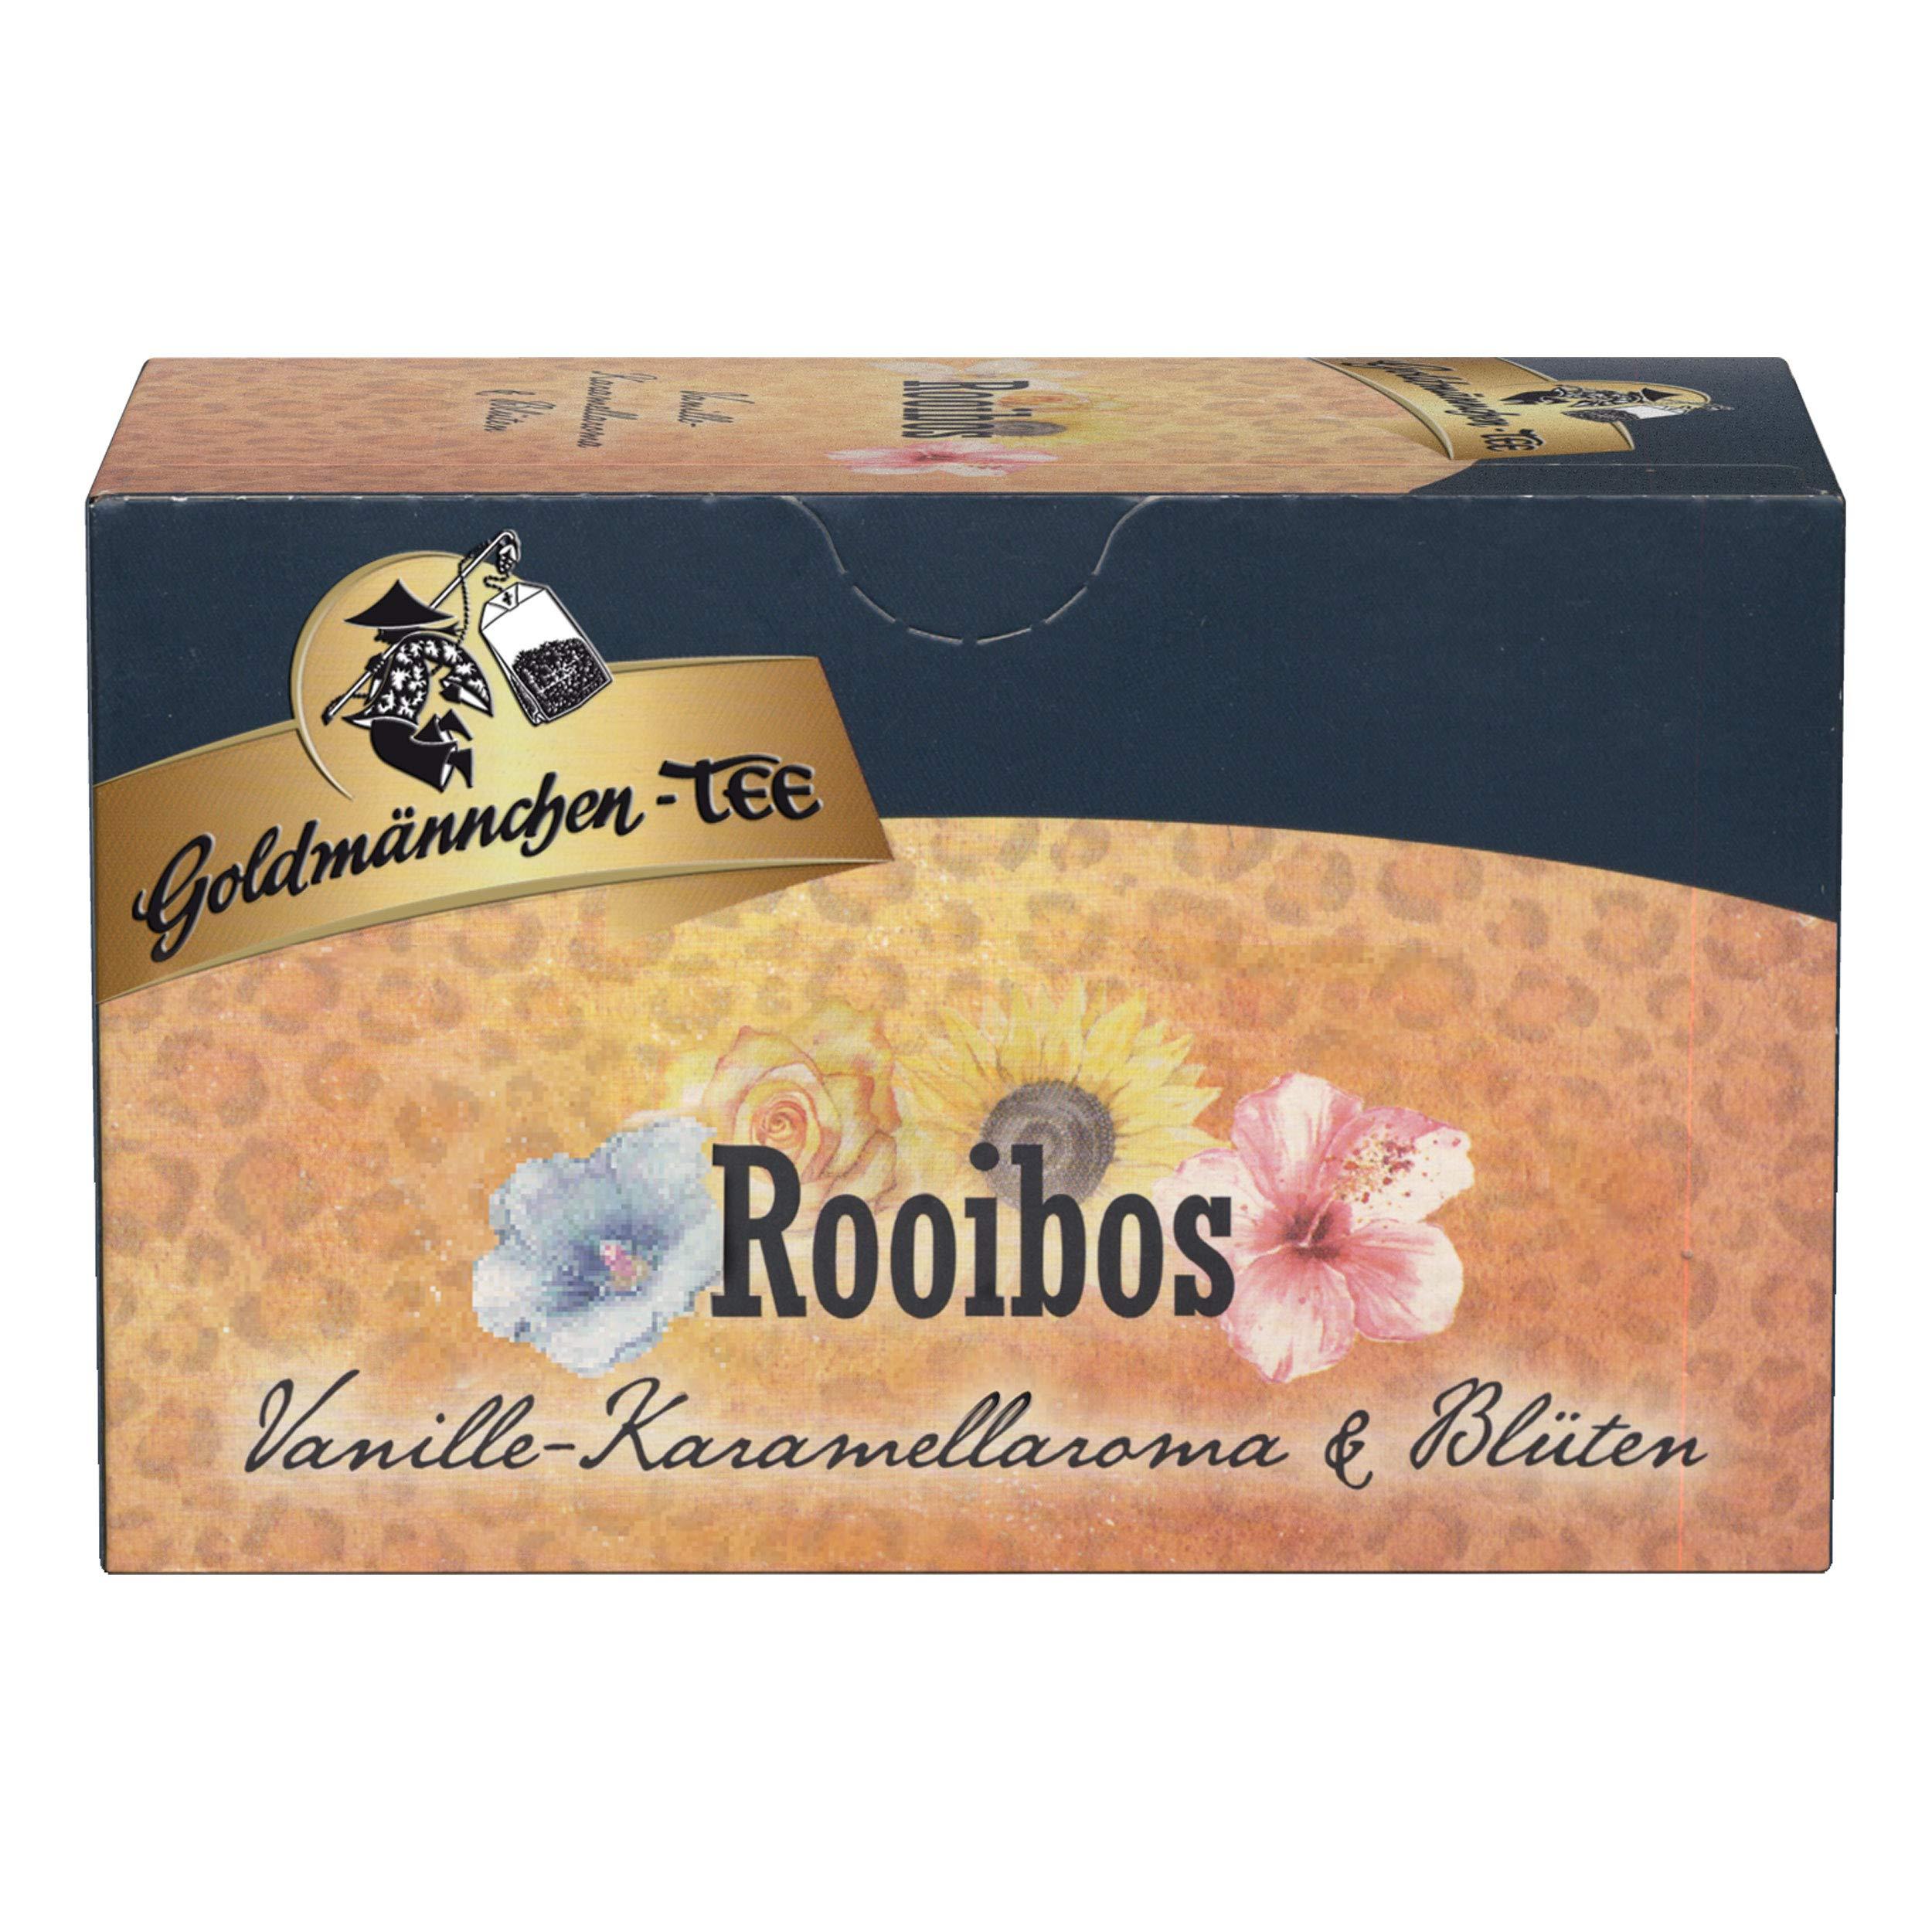 Goldmnnchen-Tee-Rooibos-Vanille-Karamell-mit-Blten-Rooibostee-Krutertee-im-Beutel-20-einzeln-versiegelte-Teebeutel